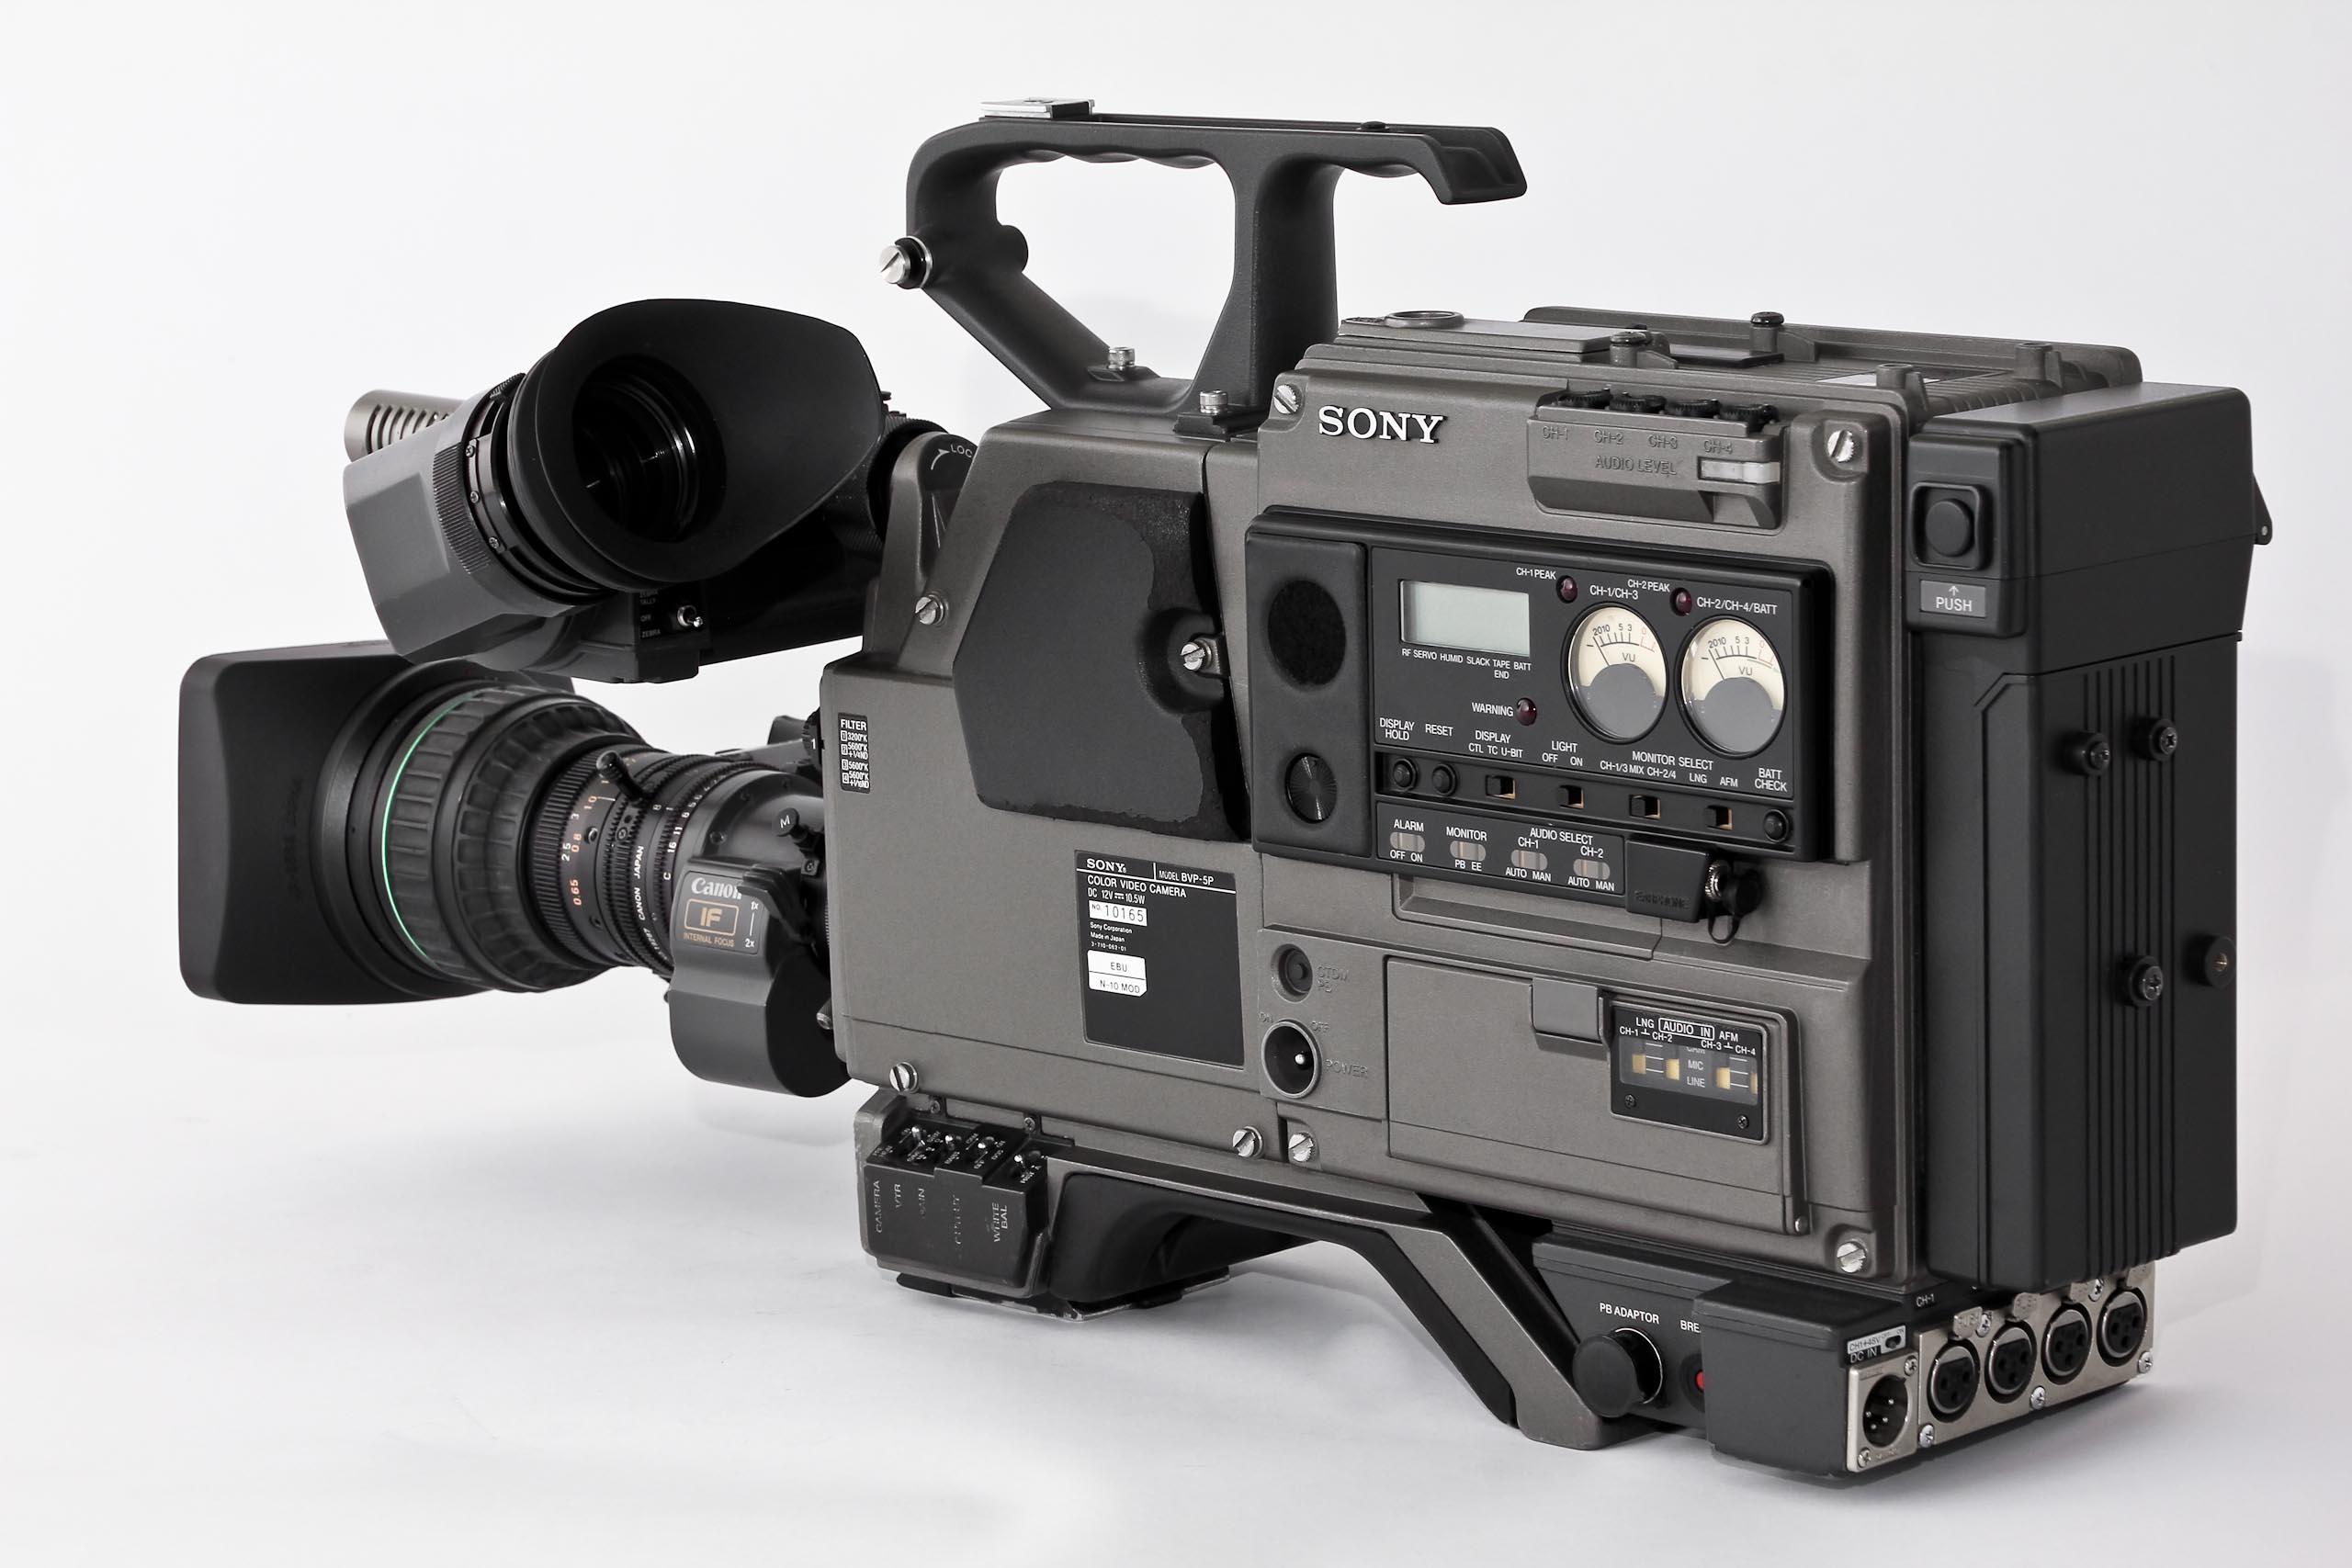 Sony BVP-505P - 4